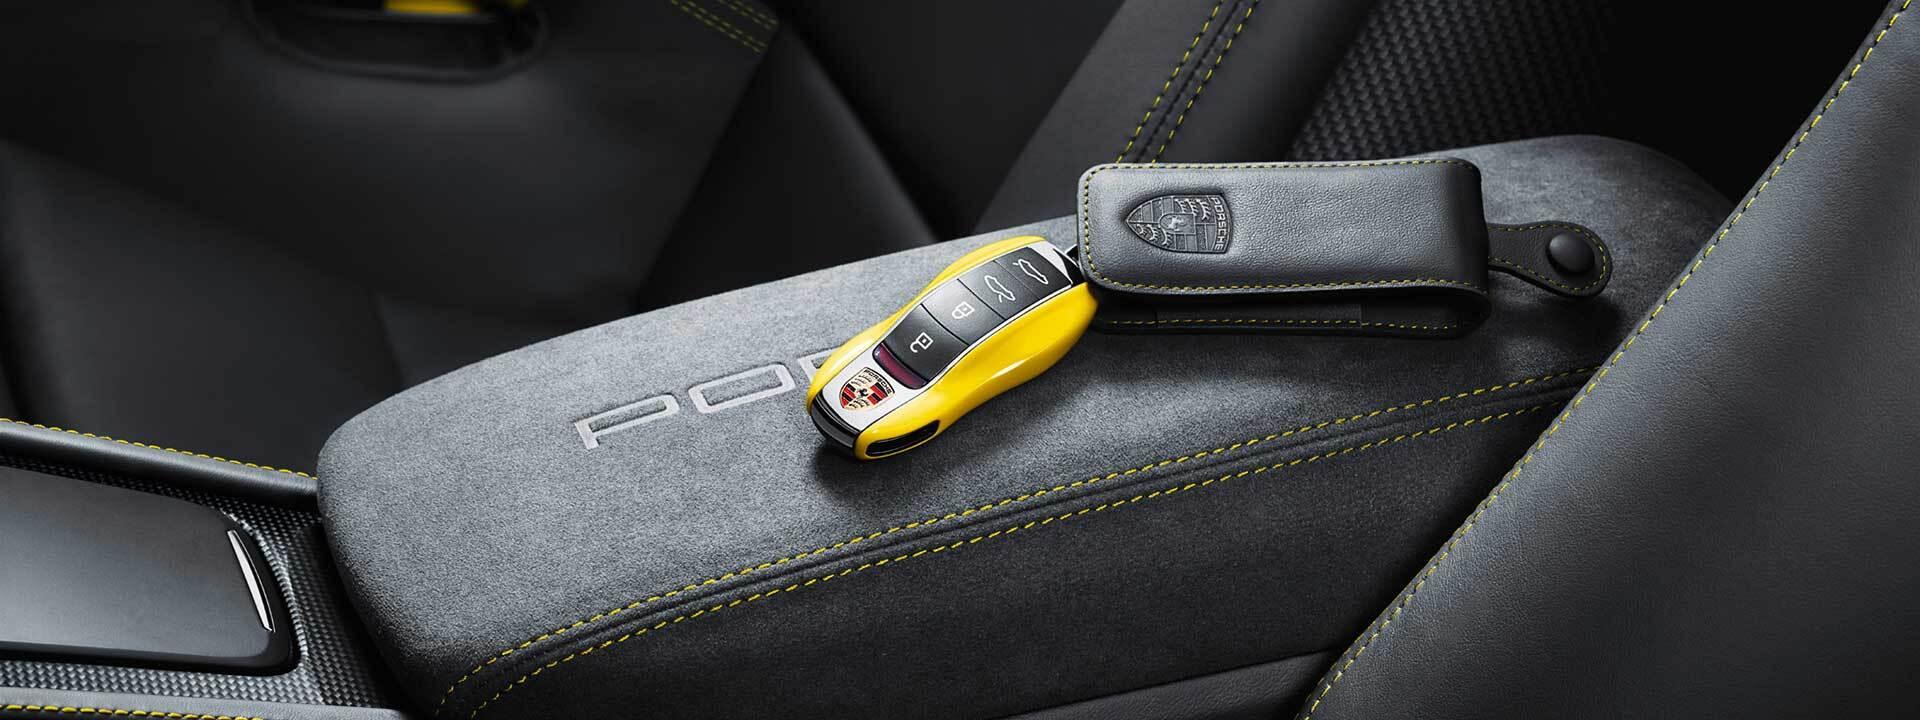 Porsche keys in Newark, DE